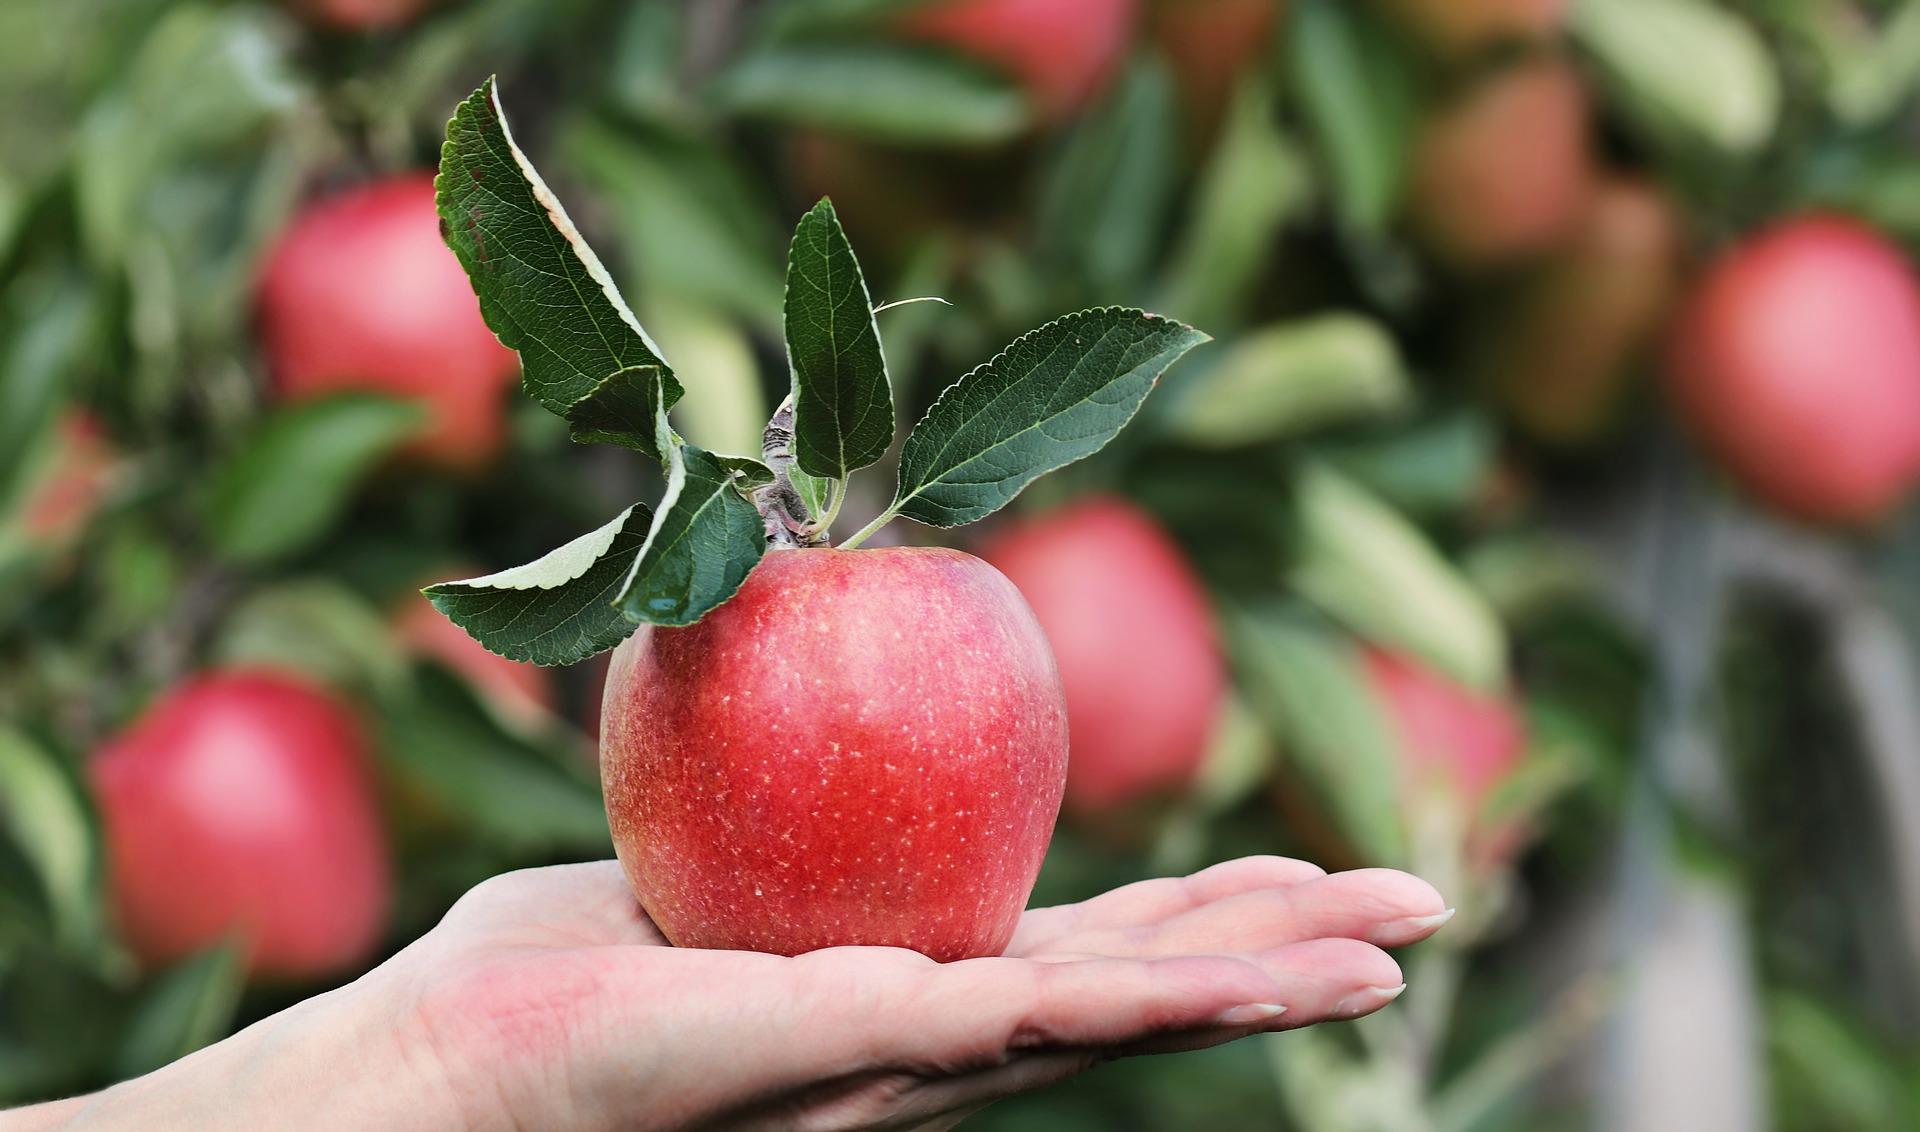 איך דשנים תורמים לייצור בר-קיימא של מזון